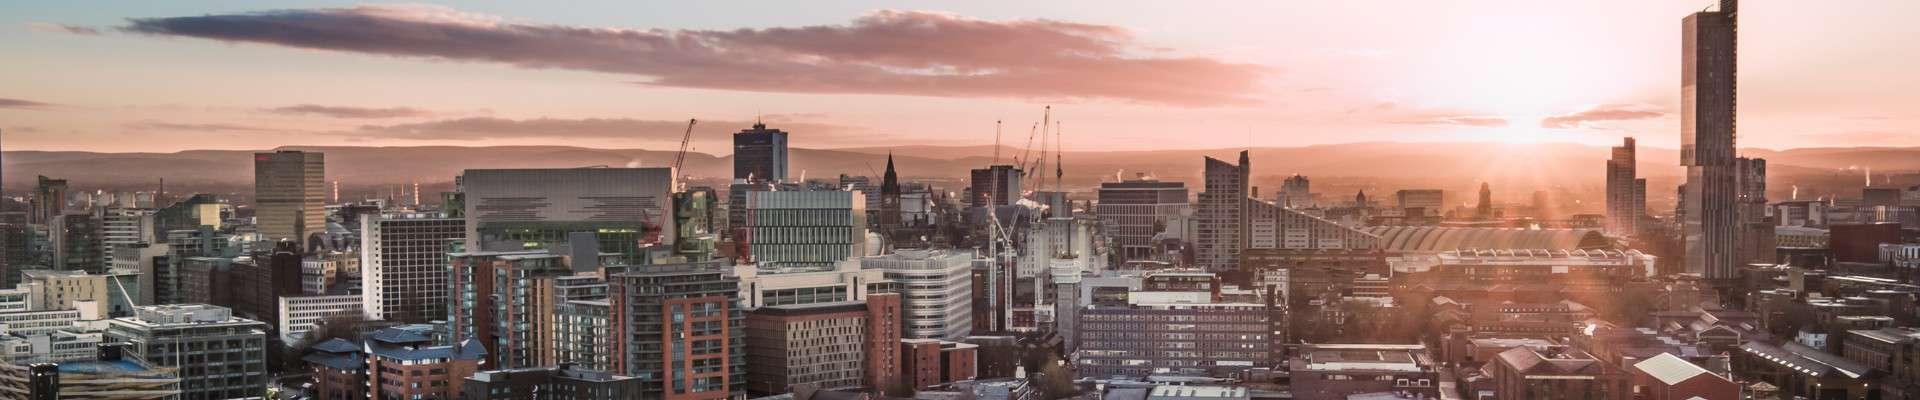 Manchester Properties Market